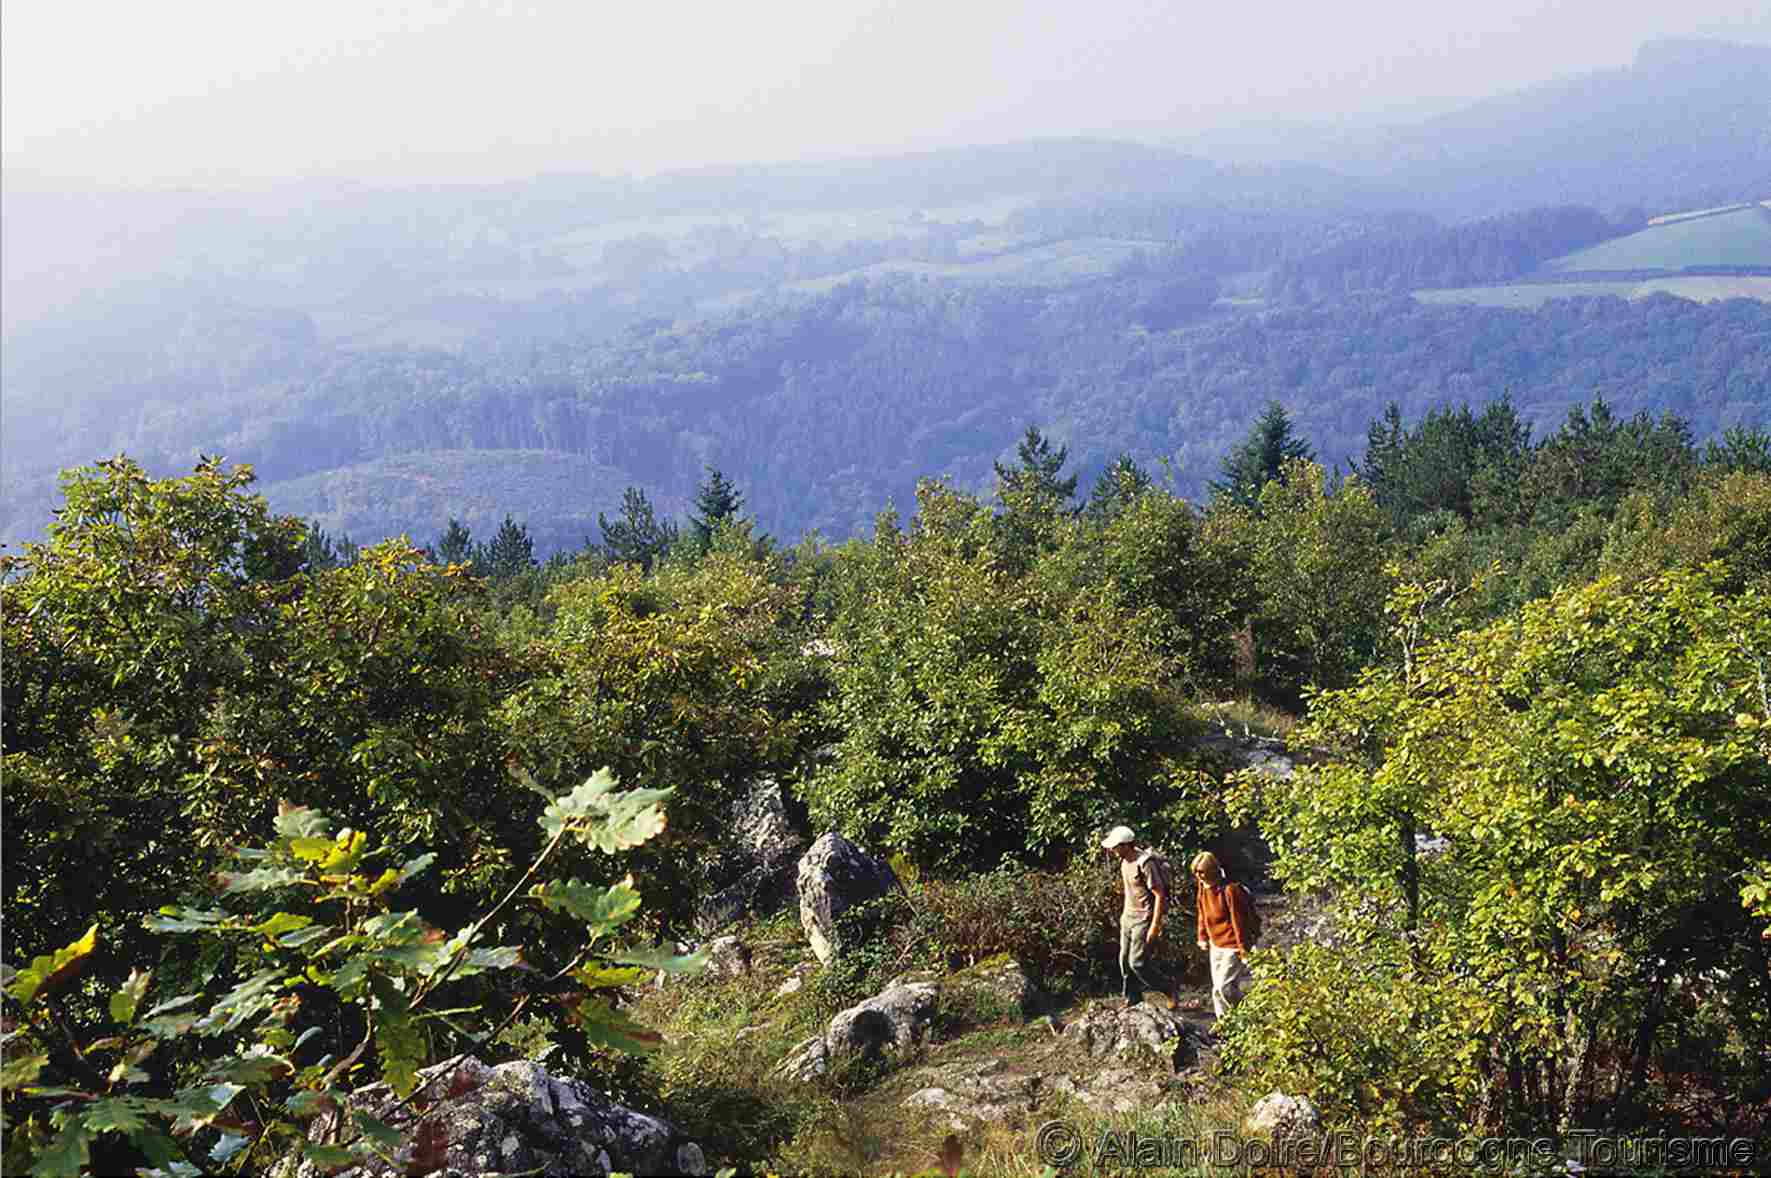 Hikers in the Morvan Hills in Burgundy